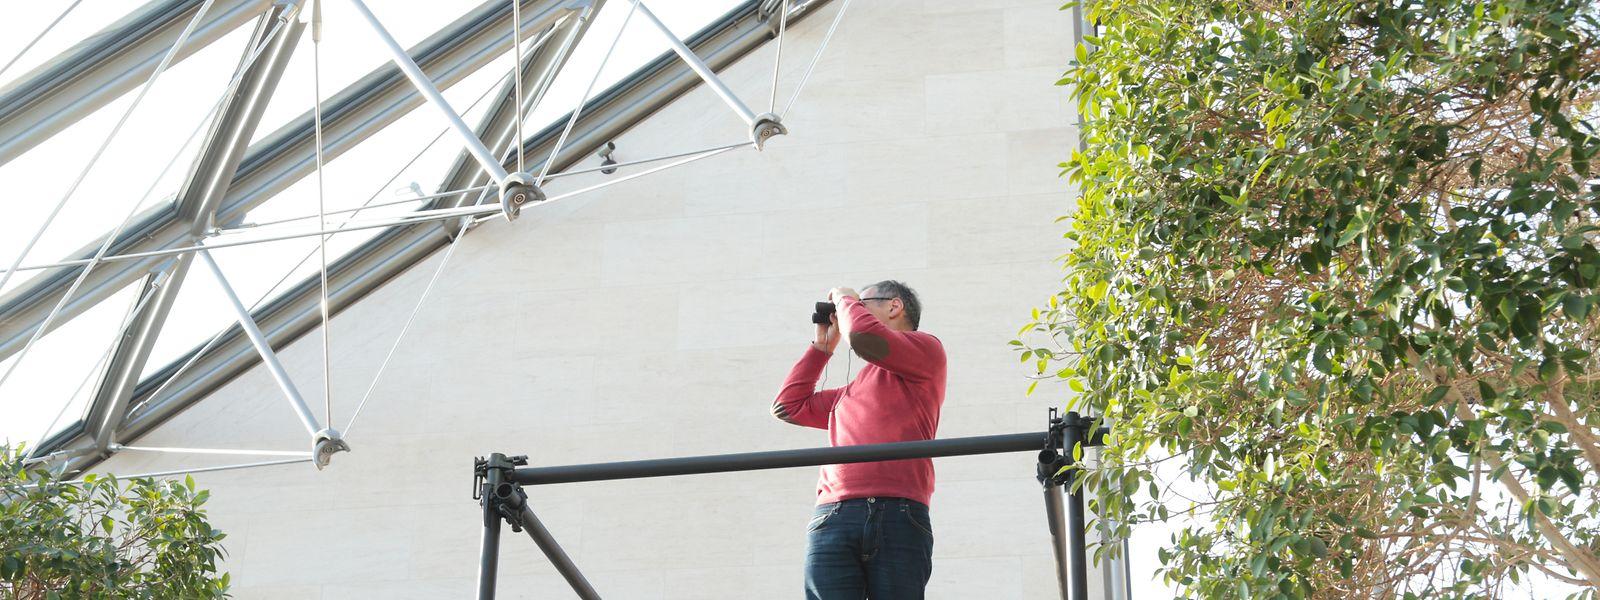 """Neue Ausblicke: Kurator Enrico Lunghi testet die Plattform """"Broadway Fly"""", einem Werk, das in der Retrospektive wieder gezeigt wird."""